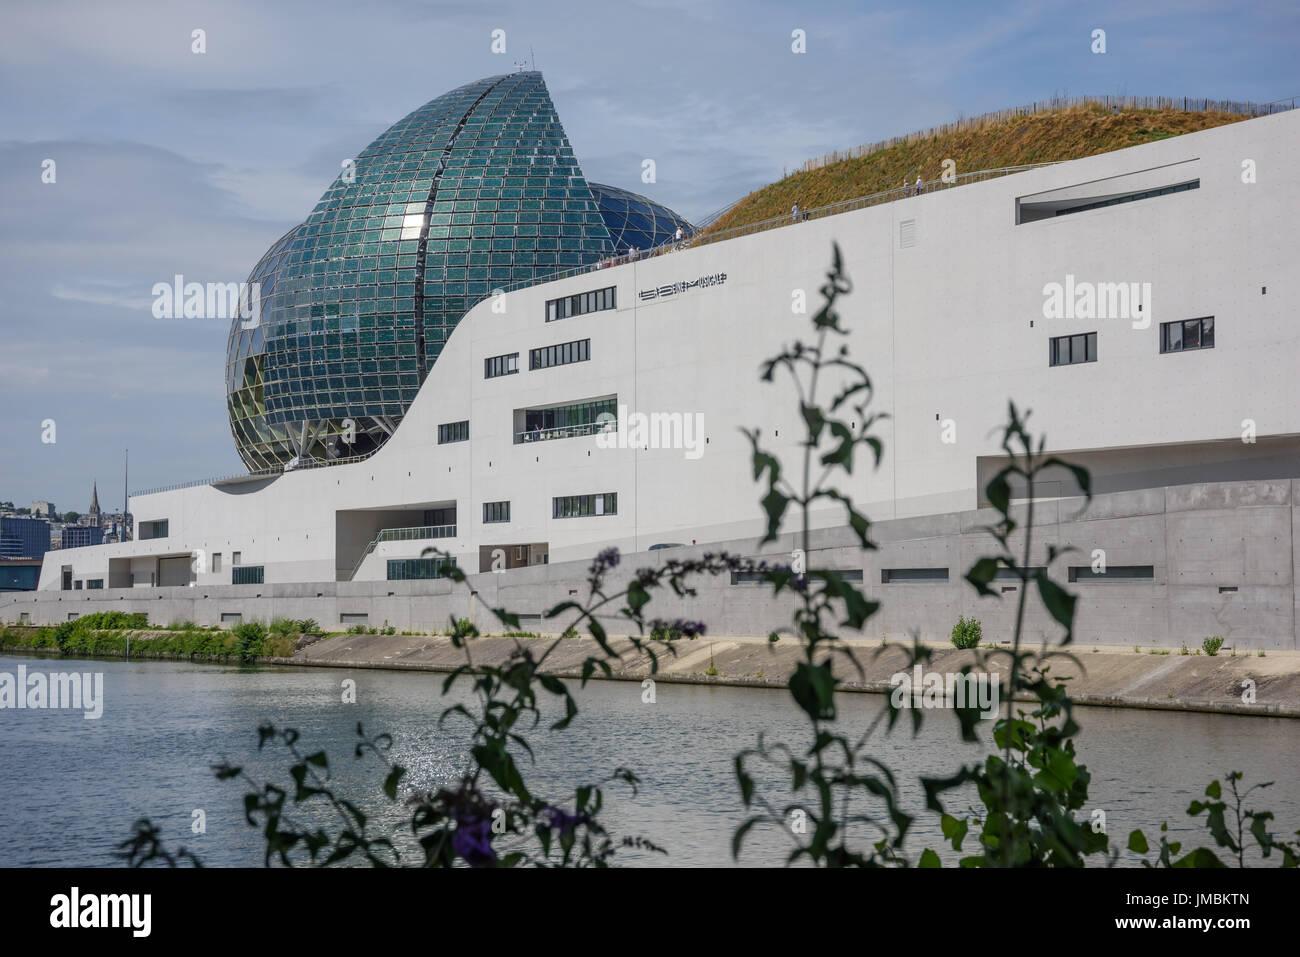 Paris, Ile Seguin, Konzerthalle 'Seine Musicale', Jean de Gastines und Shigeru Ban, 2017 - Stock Image